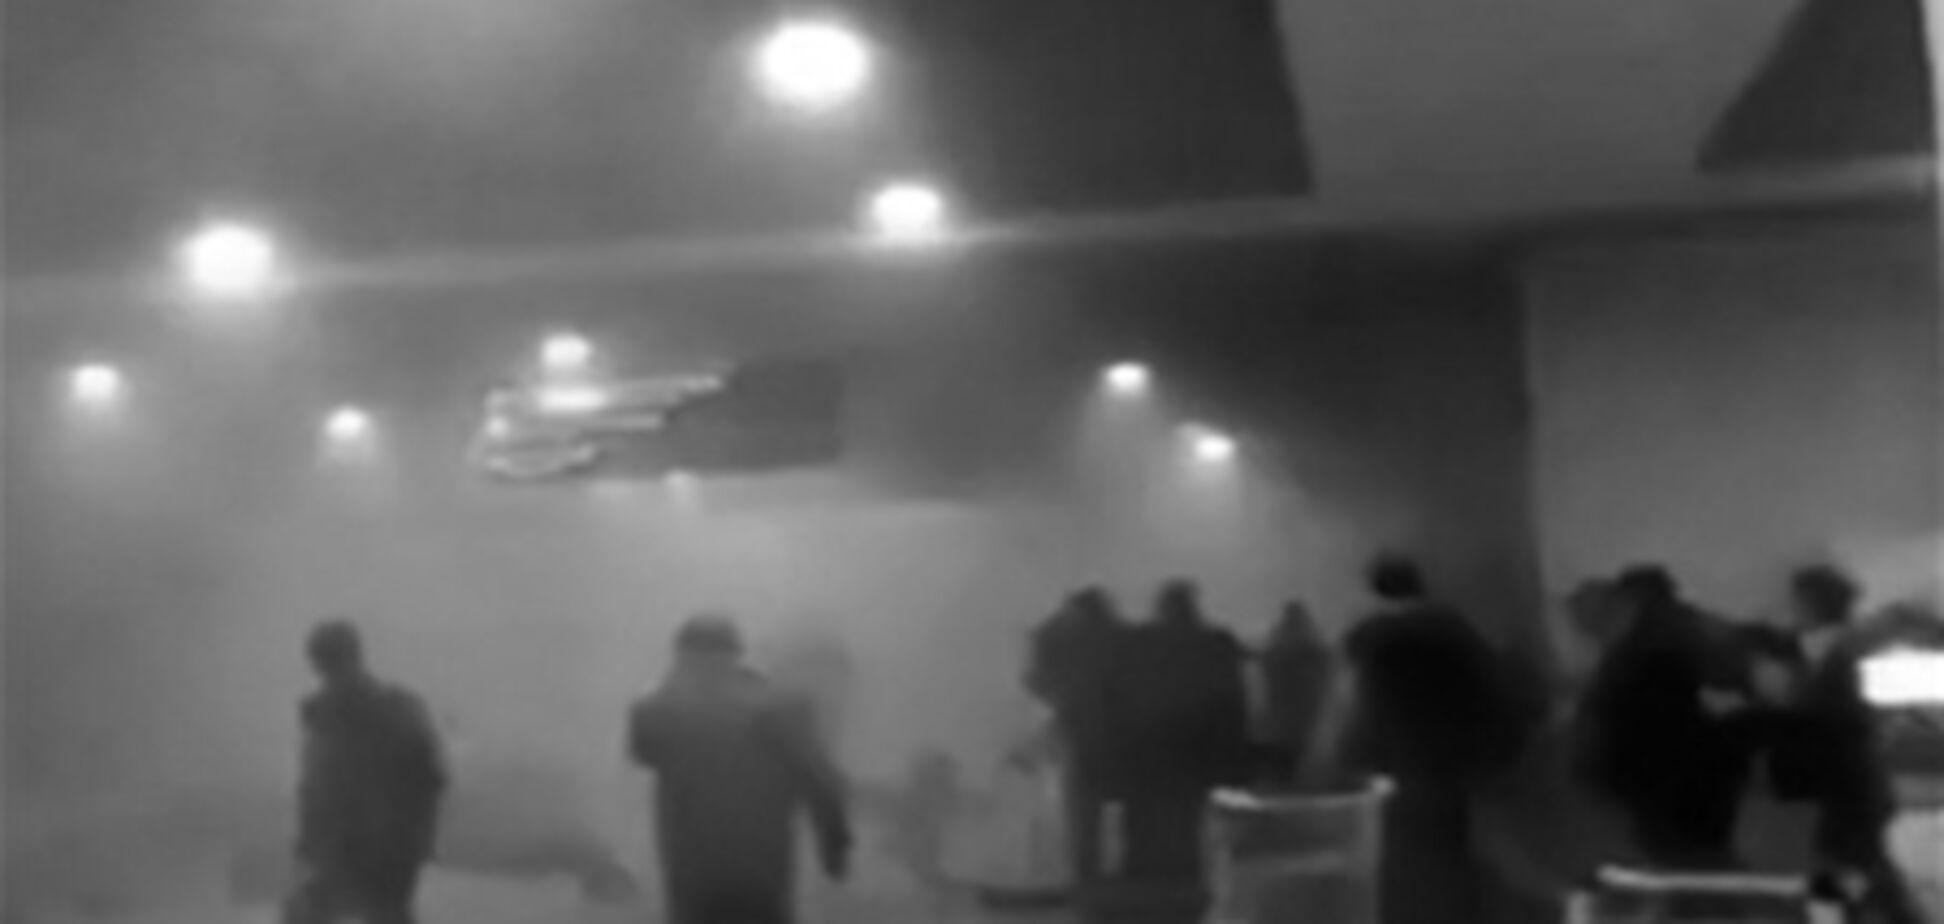 Врачи опровергли версию о 'каменной бомбе' в Домодедово